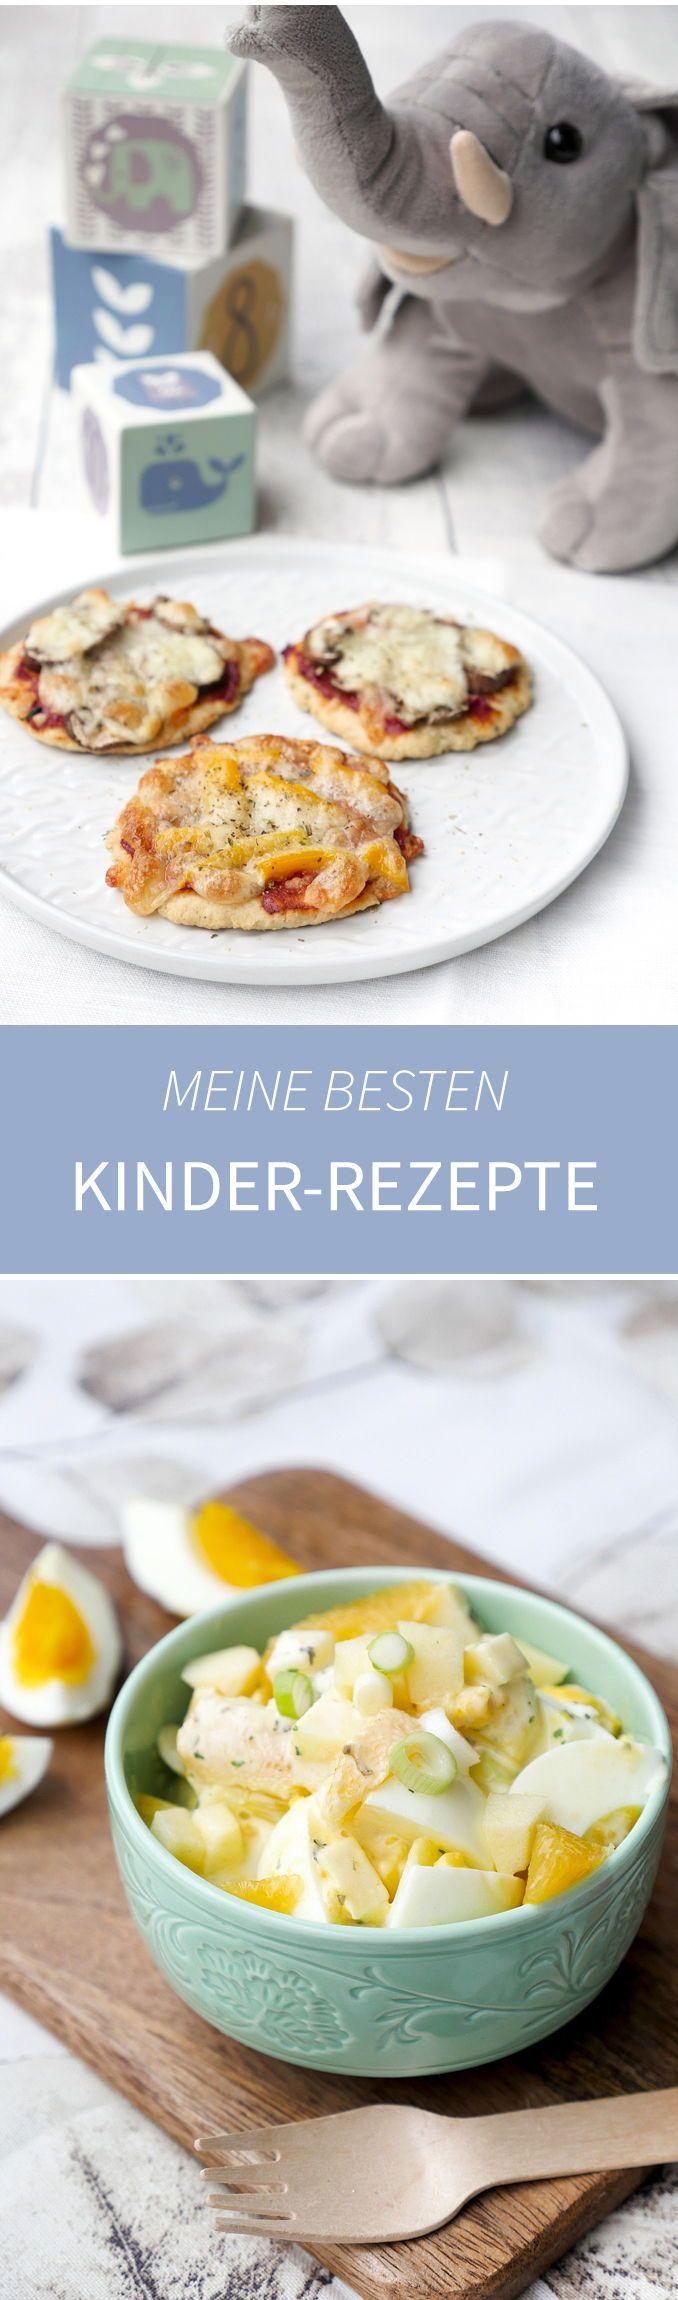 Meine besten Rezepte für Kinder – vom Frühstück bis zum schnellen Mittagessen…